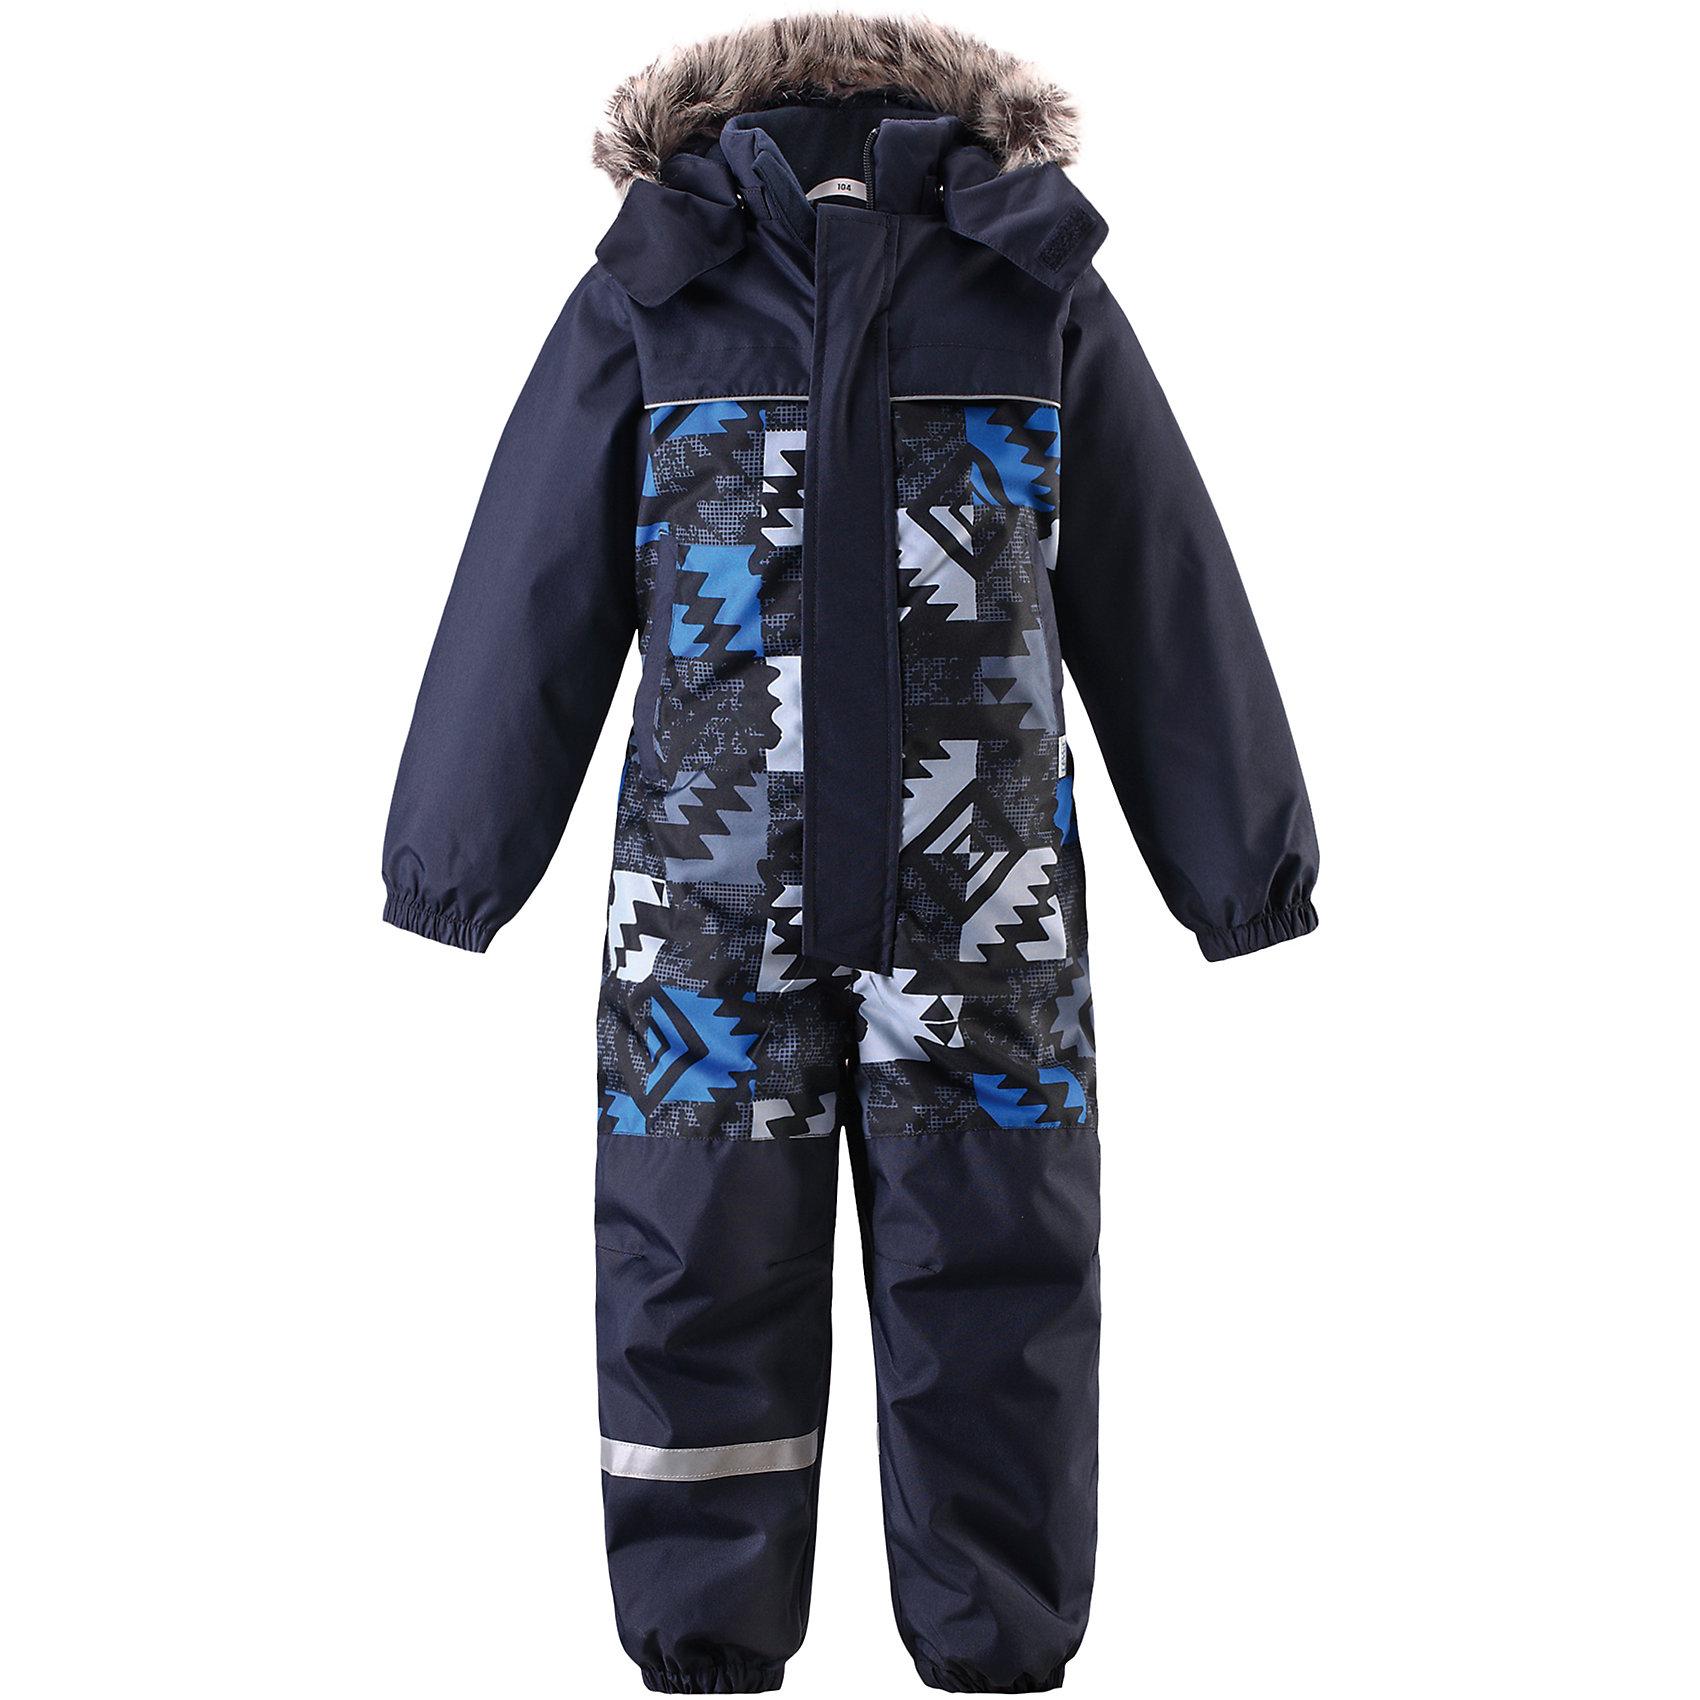 Комбинезон LASSIEОдежда<br>Зимний комбинезон для детей известной финской марки.<br><br>- Прочный материал. Водоотталкивающий, ветронепроницаемый, «дышащий» и грязеотталкивающий материал. <br>- Задний серединный шов проклеен. <br>- Гладкая подкладка из полиэстра. <br>- Средняя степень утепления. <br>- Безопасный съемный капюшон с отсоединяемой меховой каймой из искусственного меха. <br>- Эластичные манжеты. Эластичные штанины. <br>- Съемные эластичные штрипки. Два прорезных кармана. <br>- Принт по всей поверхности.<br><br>Рекомендации по уходу: Стирать по отдельности, вывернув наизнанку. Перед стиркой отстегните искусственный мех. Застегнуть молнии и липучки. Соблюдать температуру в соответствии с руководством по уходу. Стирать моющим средством, не содержащим отбеливающие вещества. Полоскать без специального средства. Сушение в сушильном шкафу разрешено при  низкой температуре.<br><br>Состав: 100% Полиамид, полиуретановое покрытие.  Утеплитель «Lassie wadding» 180гр.<br><br>Ширина мм: 356<br>Глубина мм: 10<br>Высота мм: 245<br>Вес г: 519<br>Цвет: синий<br>Возраст от месяцев: 12<br>Возраст до месяцев: 15<br>Пол: Мужской<br>Возраст: Детский<br>Размер: 80,128,86,92,98,104,110,116,122<br>SKU: 4782088